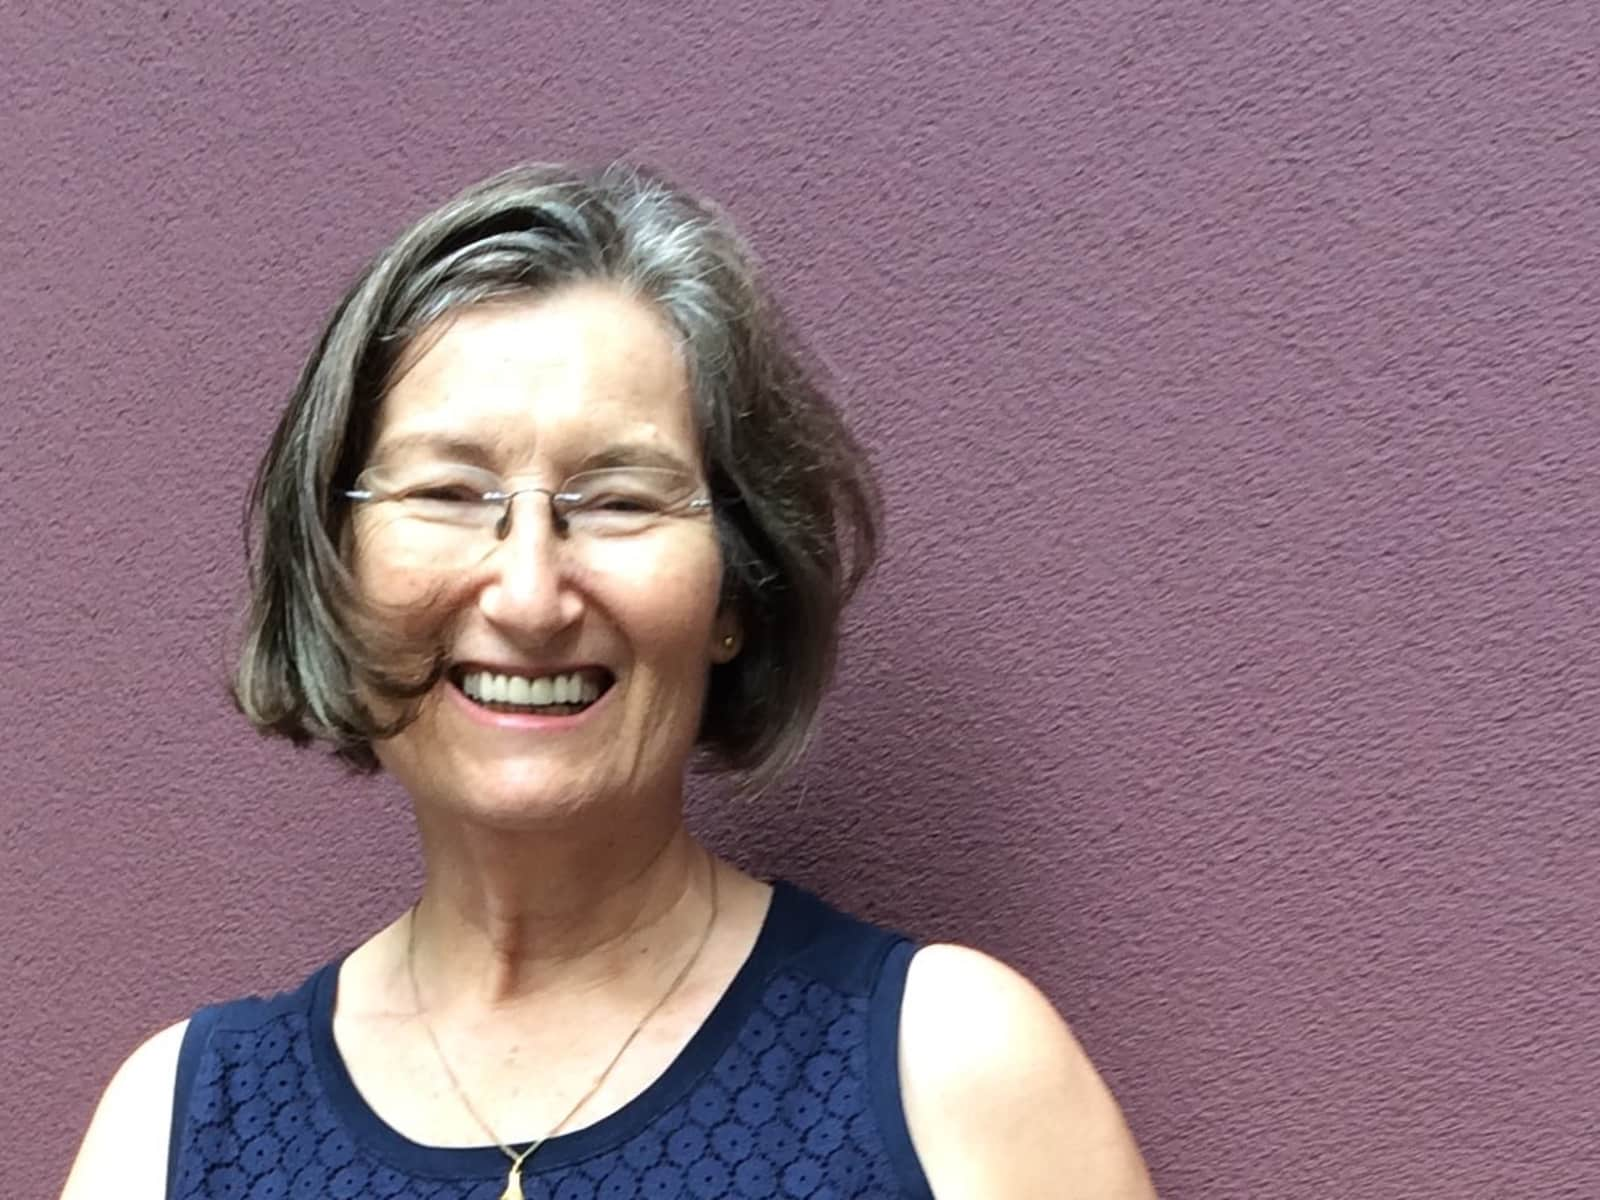 Nicola from Melbourne, Victoria, Australia